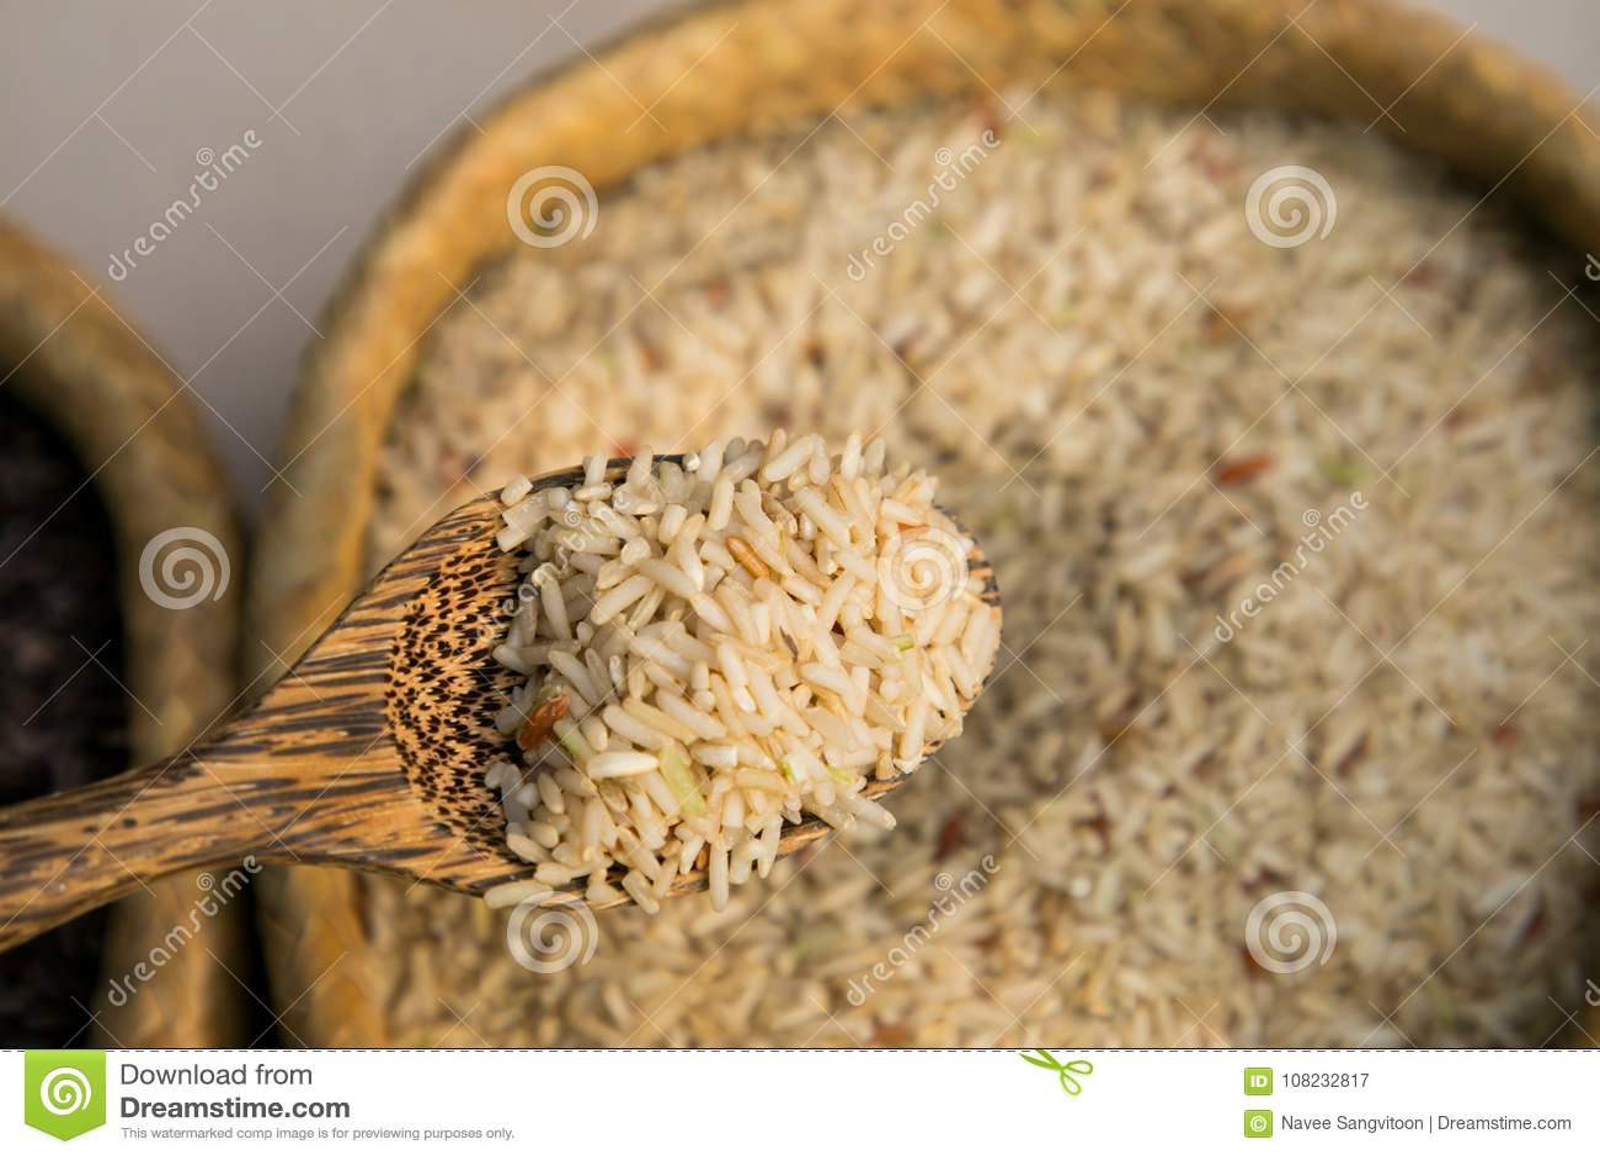 Arroz del jazmín de la frente y cuchara orgánicos de madera